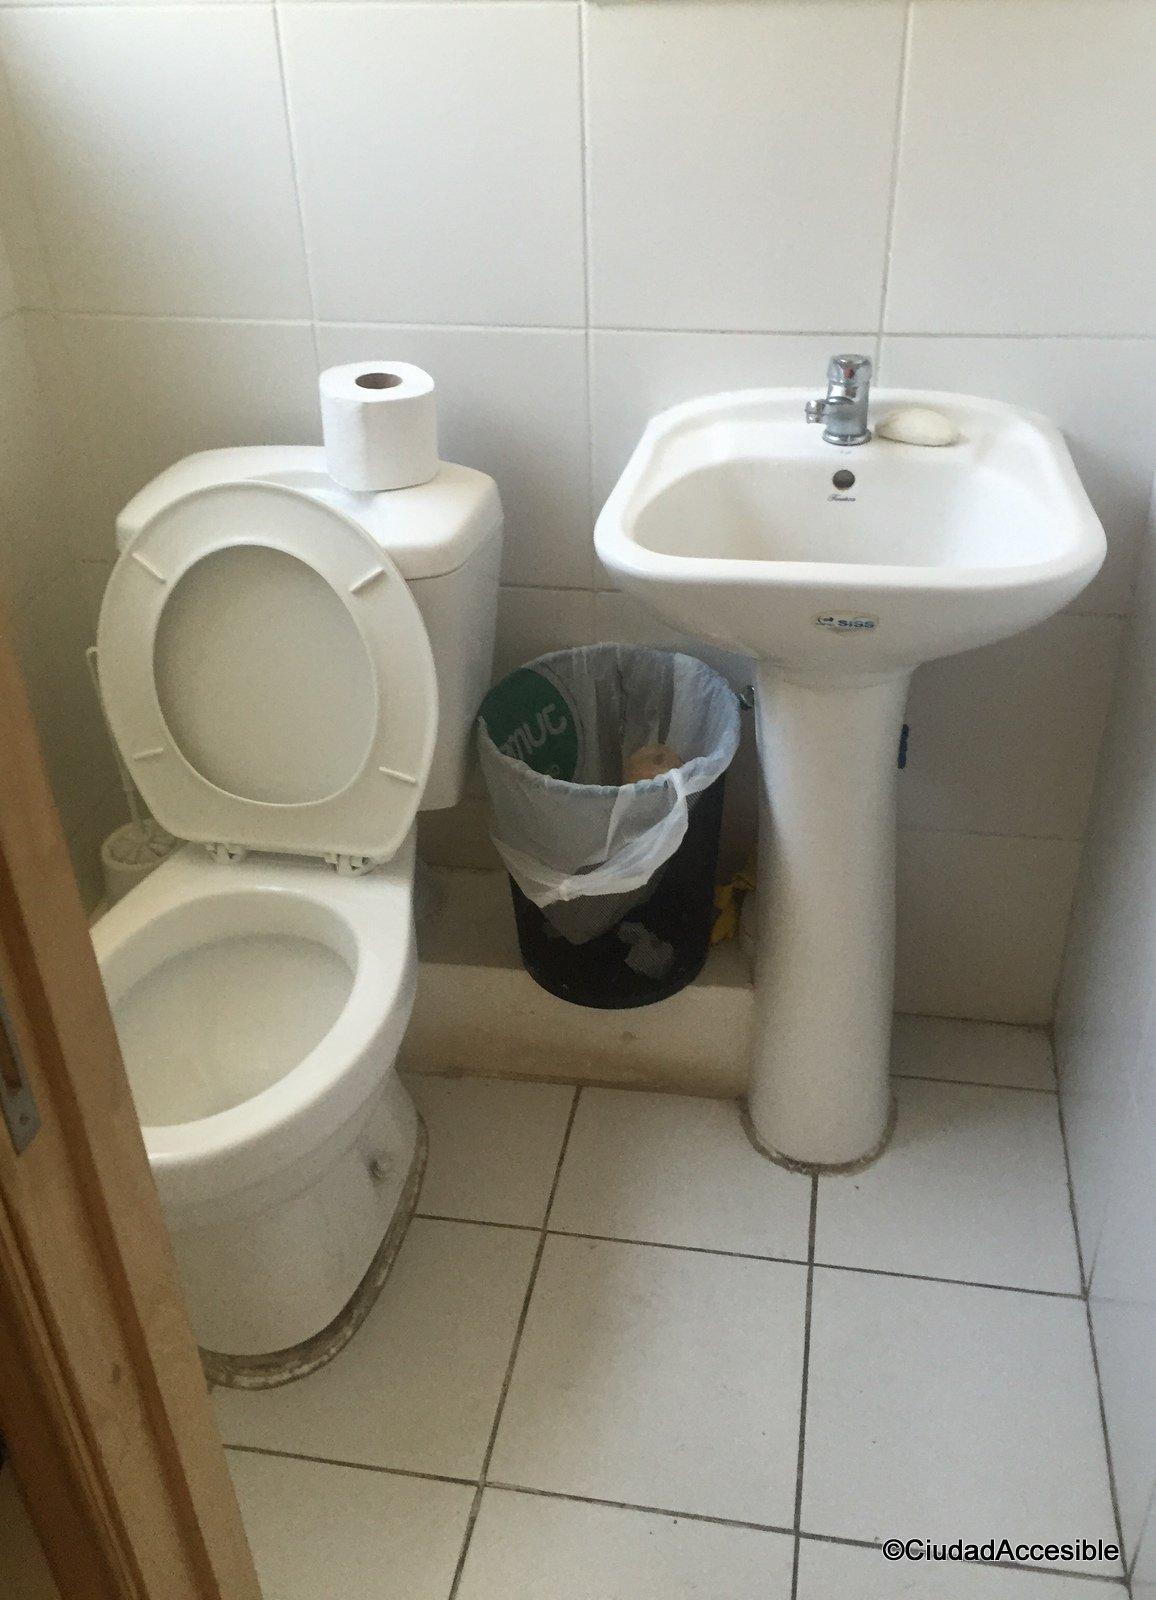 Imagen de baño sin condiciones de diseño universal